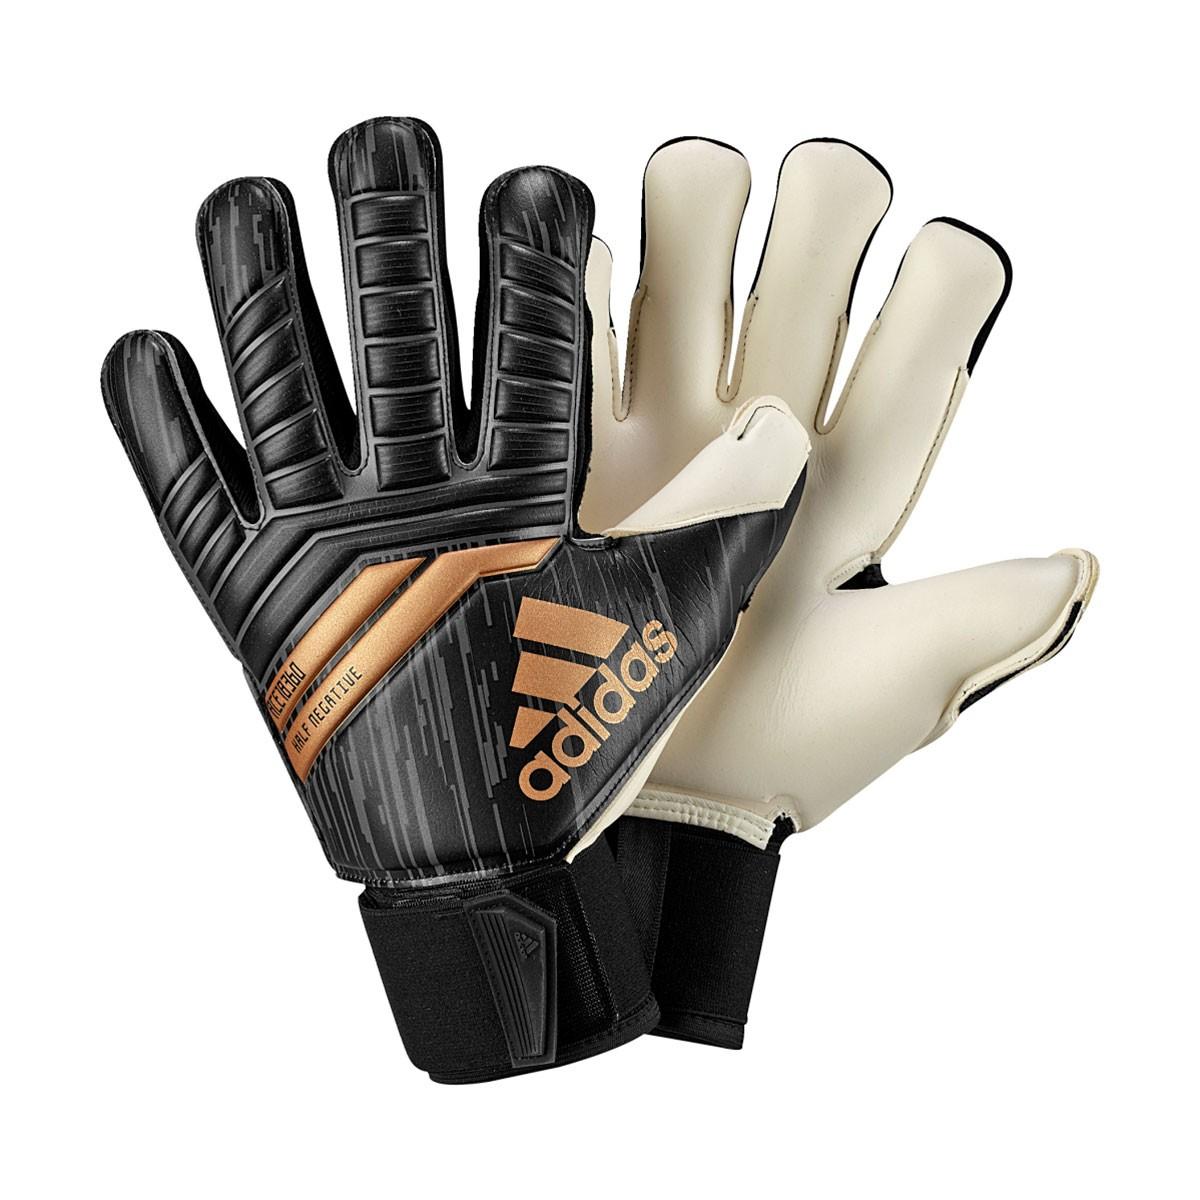 Guanti adidas Predator Half Negative Black-Solar red-Copper gold - Negozio  di calcio Fútbol Emotion b0b4223894e5